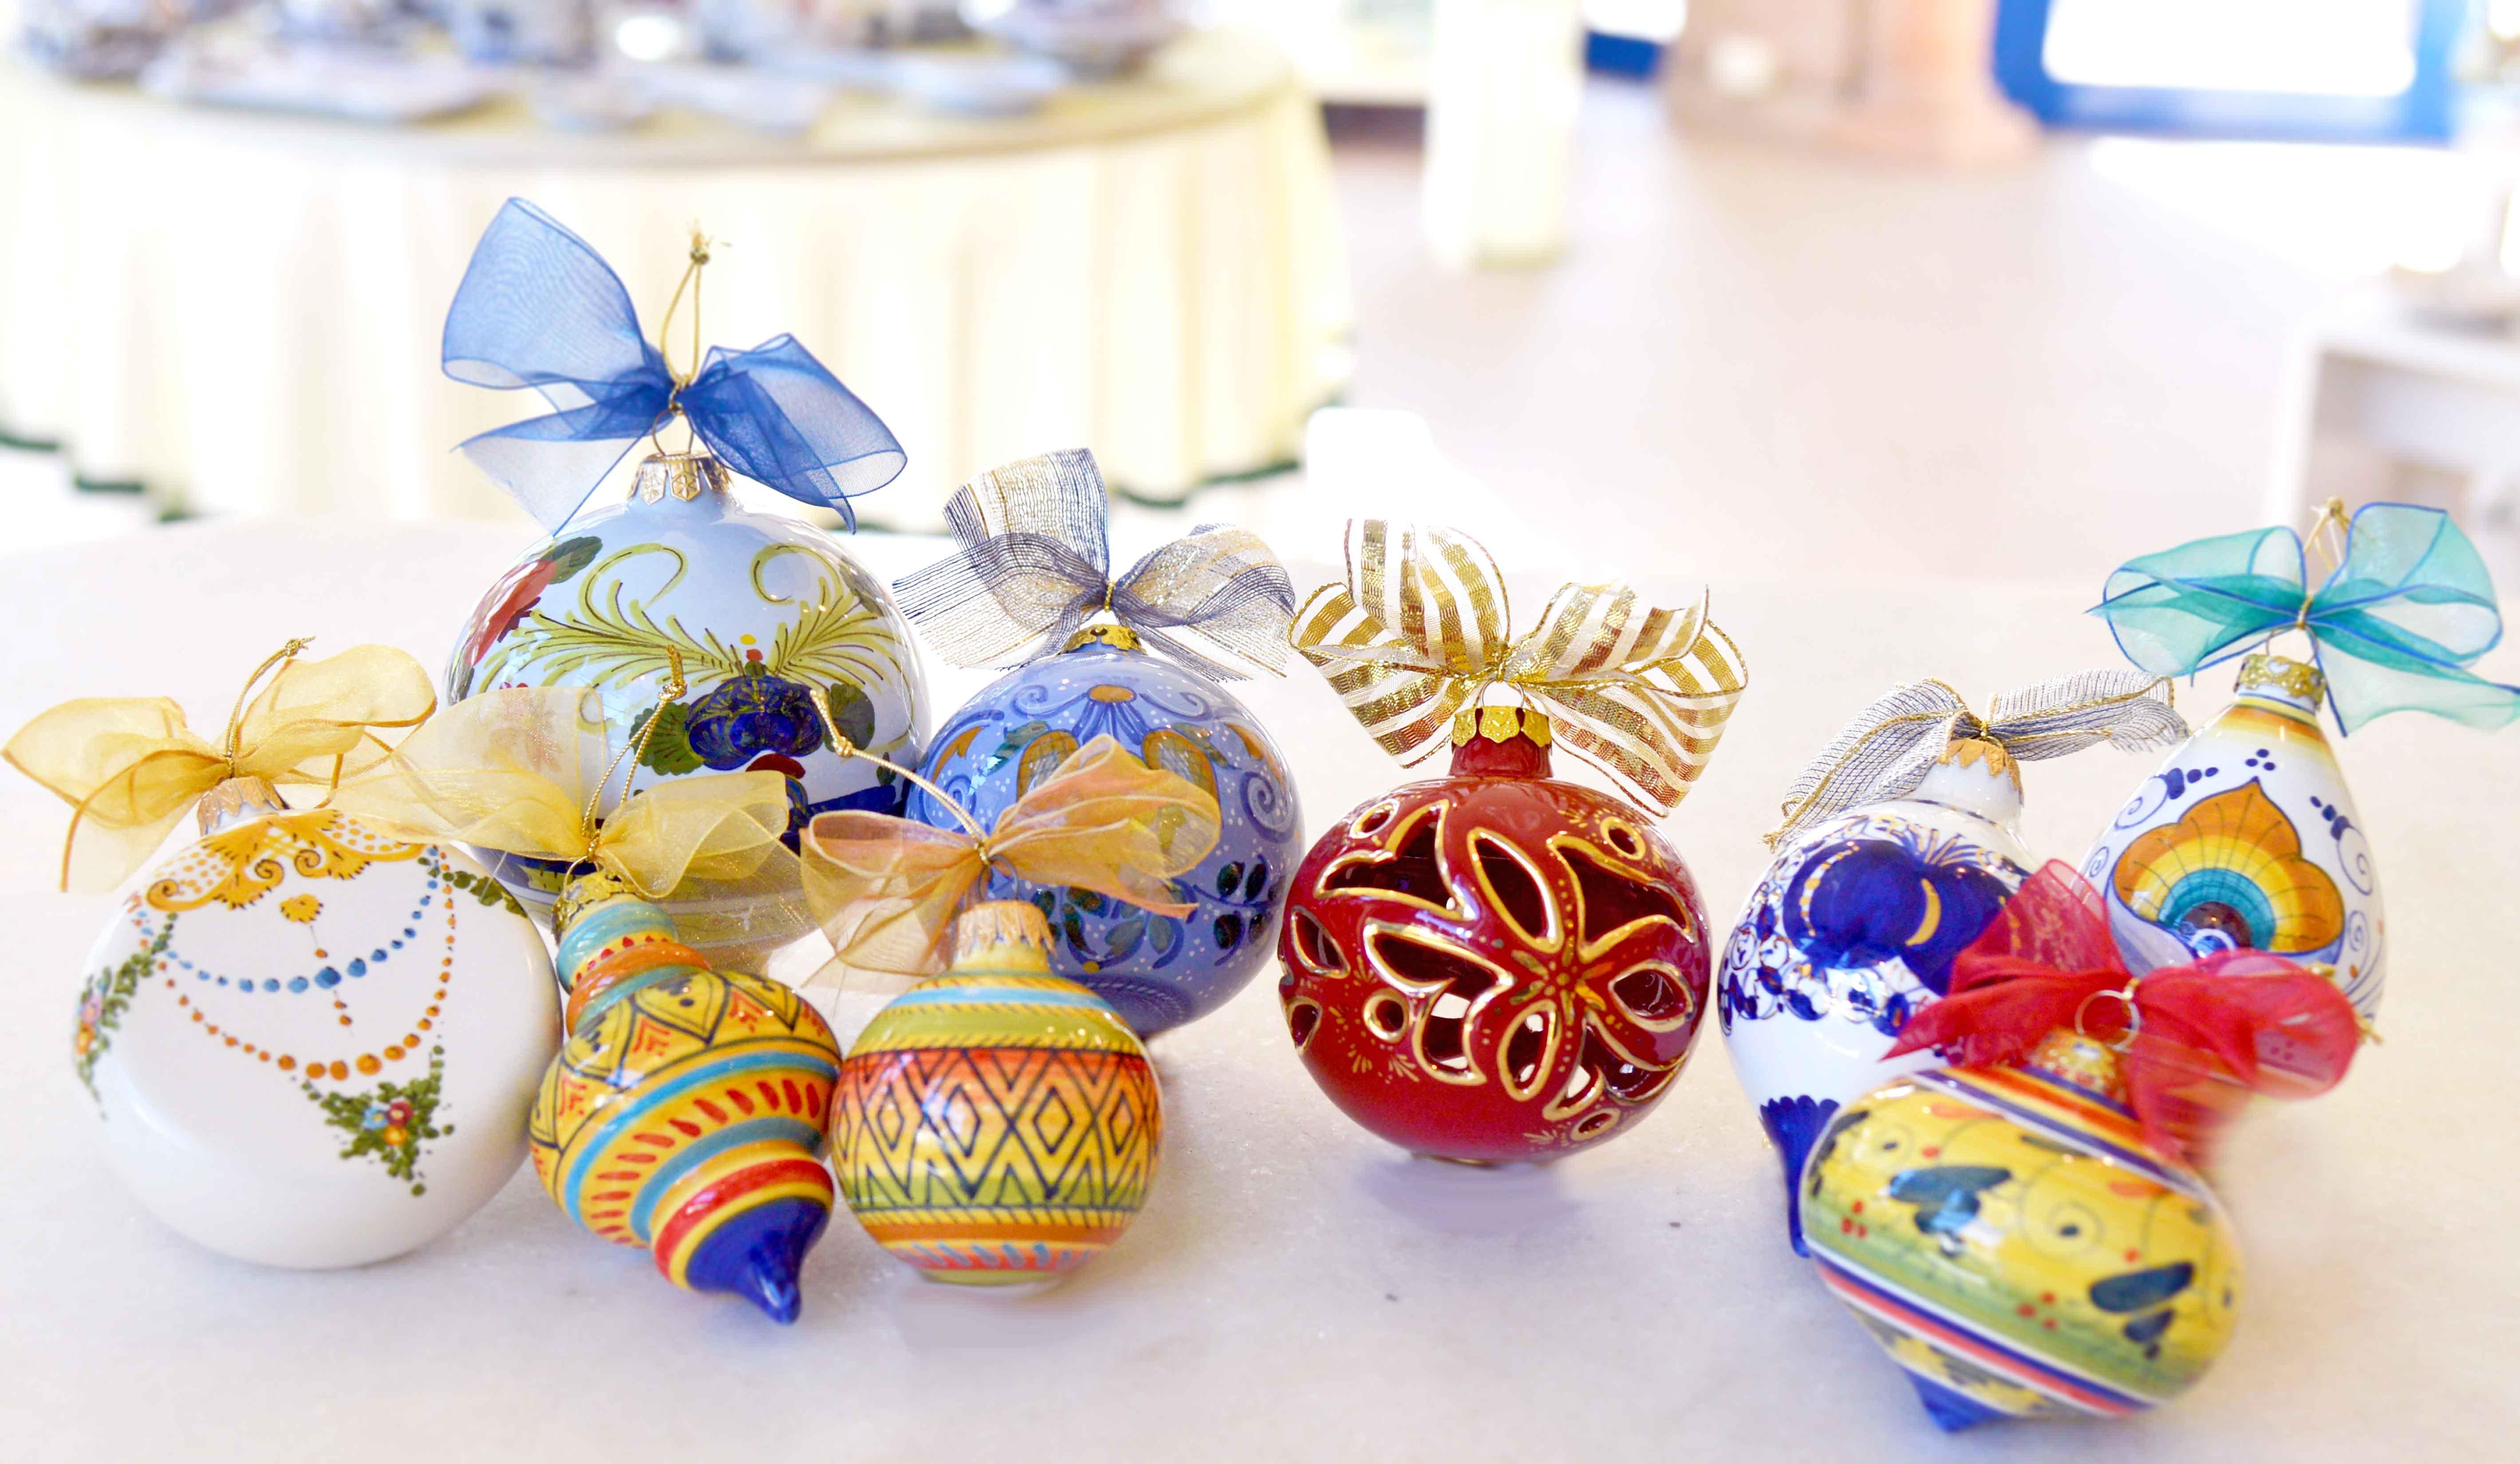 Palline-natale-ceramica-Faenza-ceramiche-natalizie